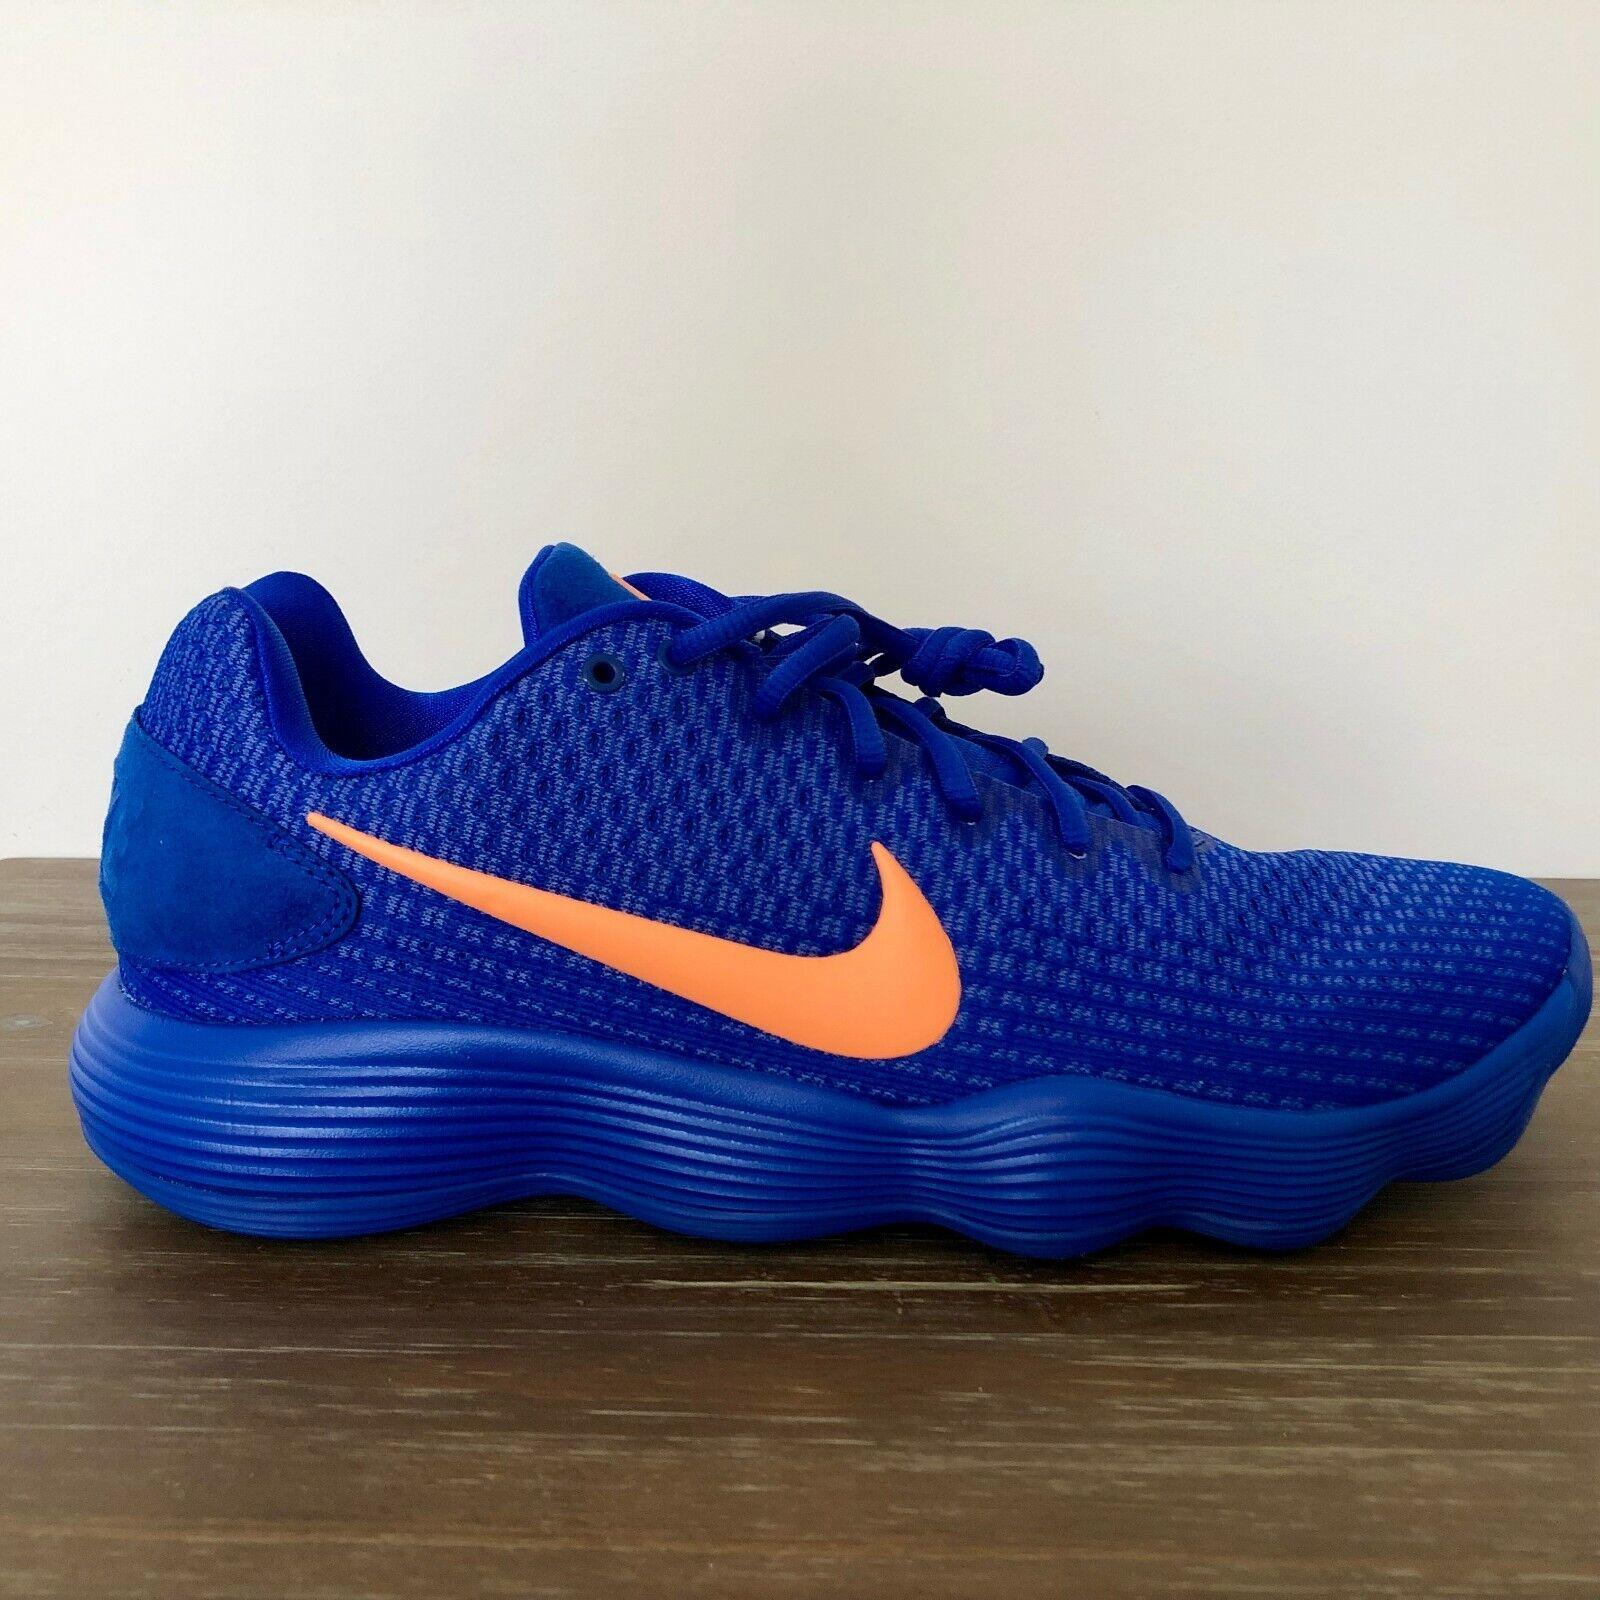 NEW MEN'S Nike Hyperdunk 2017 Low  Racer bluee  orange Pulse 897663-401 SIZE 8